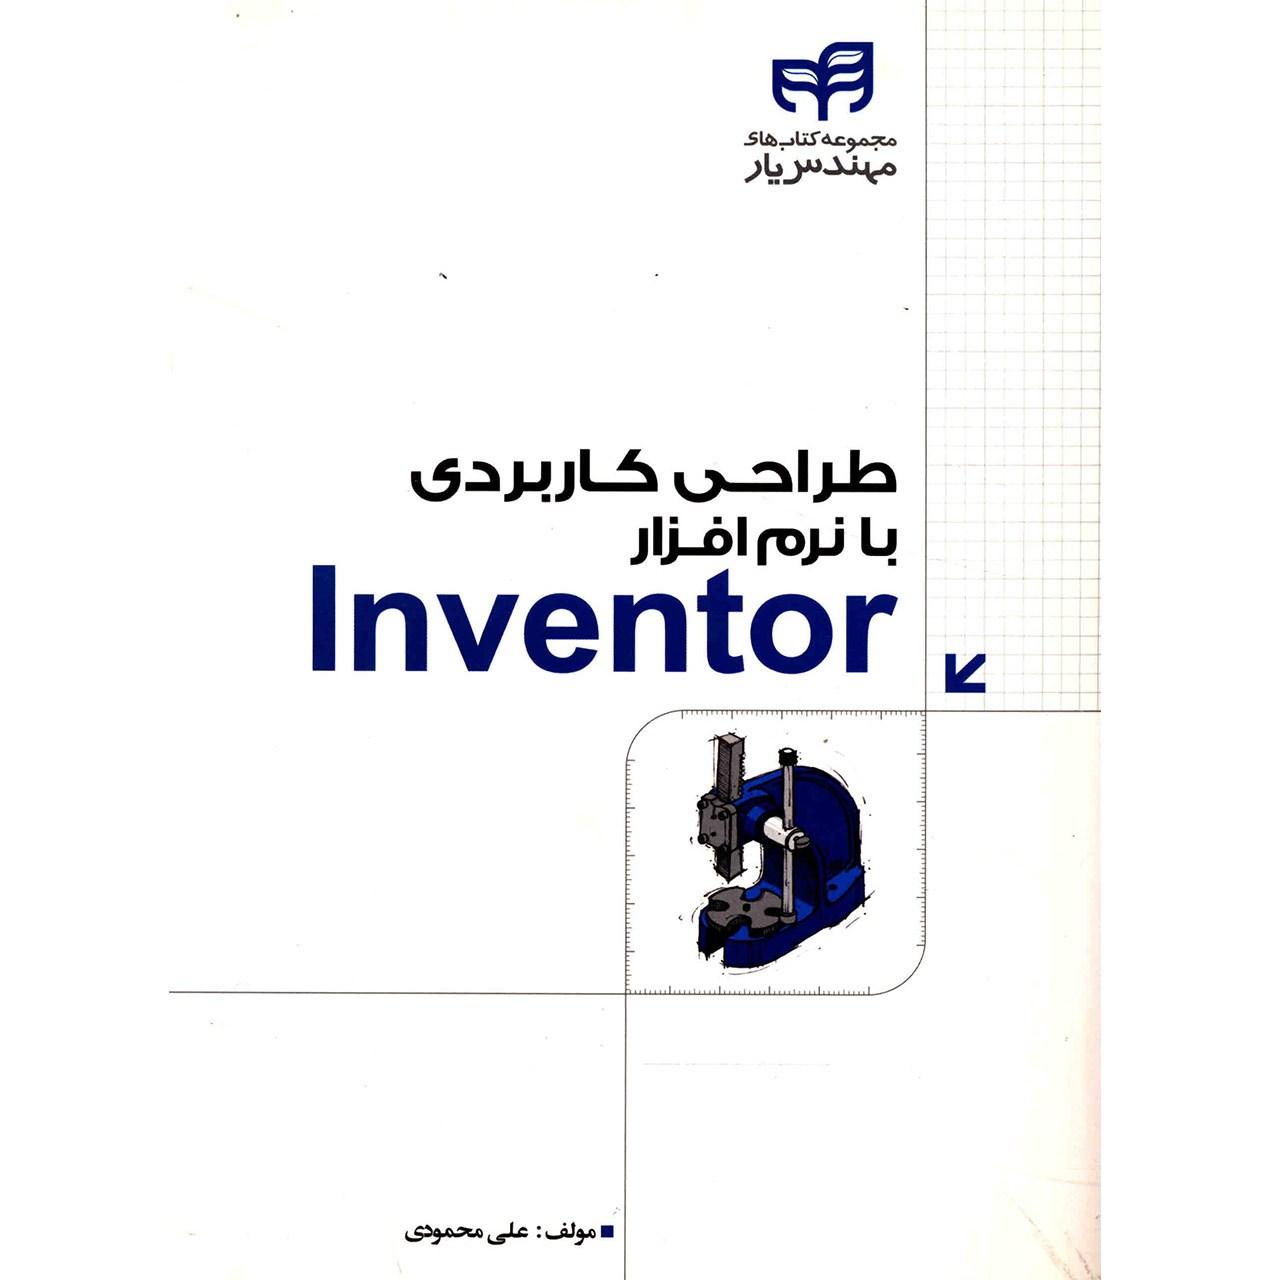 کتاب طراحی کاربردی با نرم افزار Inventor اثر علی محمودی